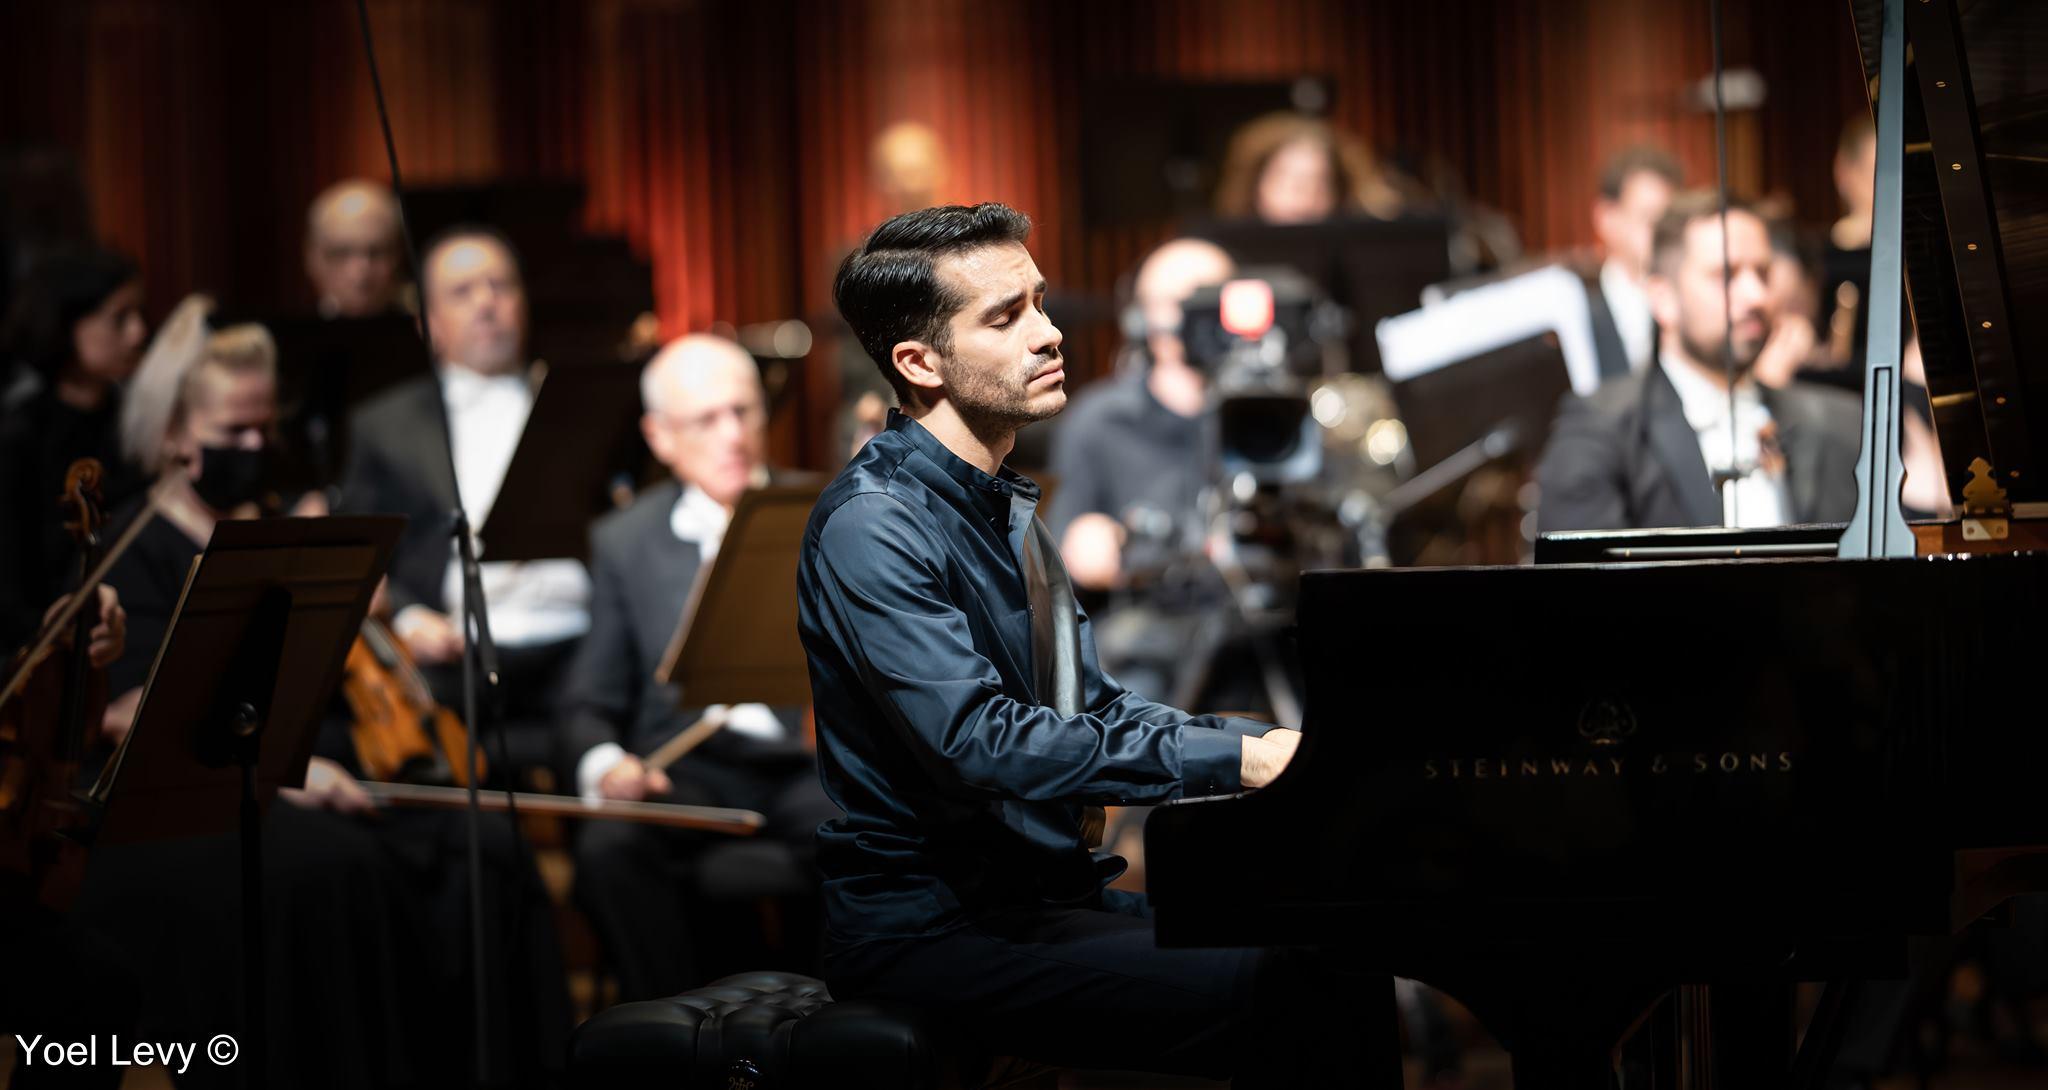 Juan Pérez Floristán gana el Concurso Arthur Rubinstein de piano